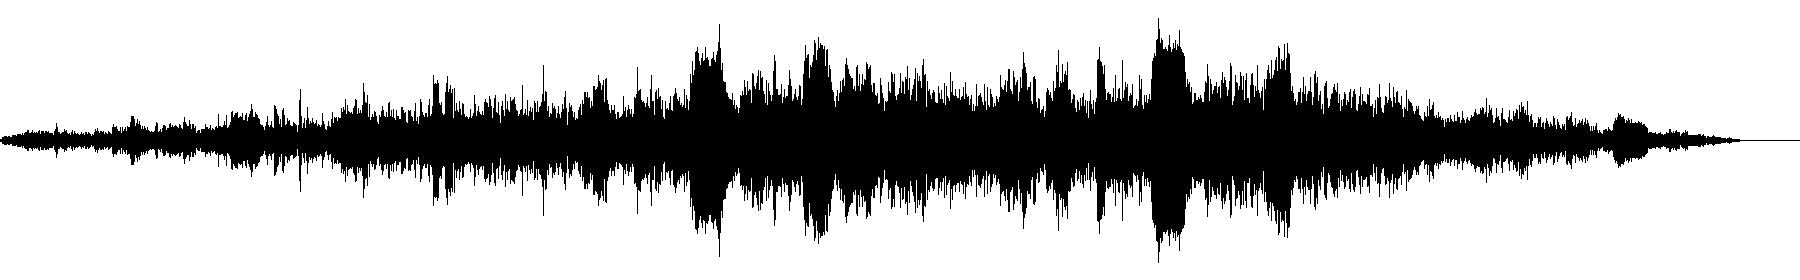 bluezone xworld sound 035